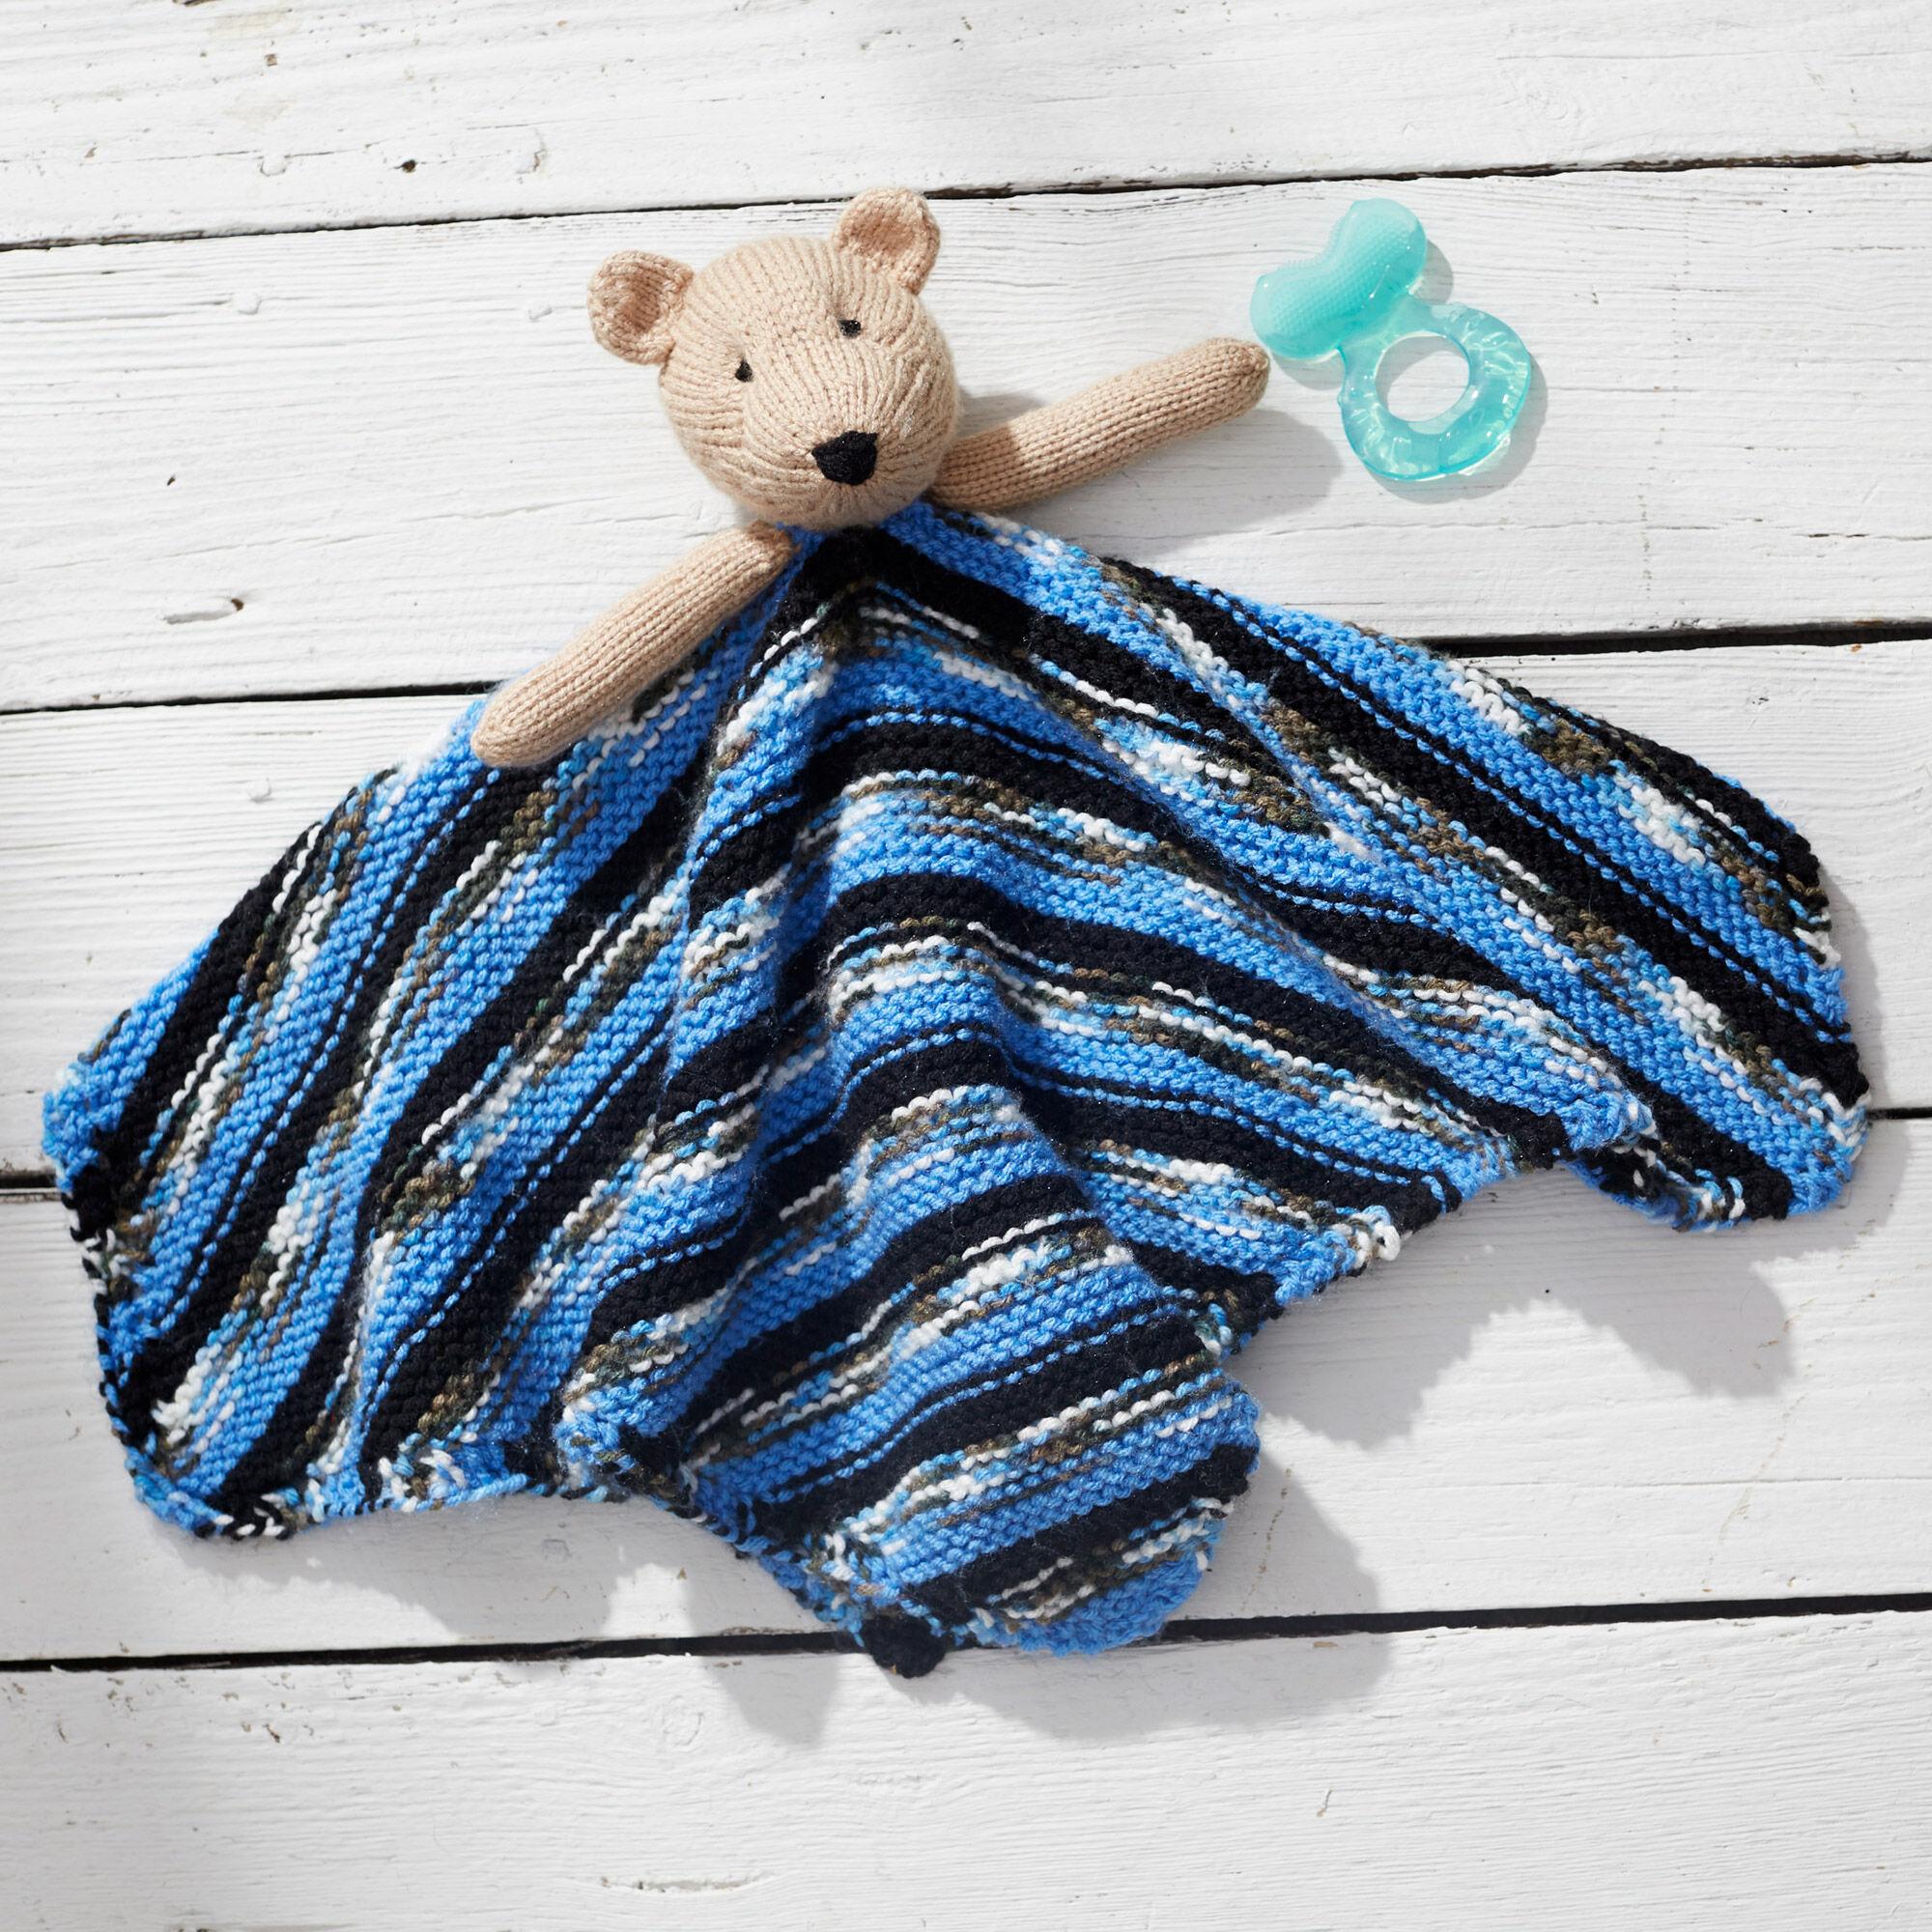 Lovey Crochet Pattern Teddy Bear PDF Security Blanket | Etsy | 2000x2000